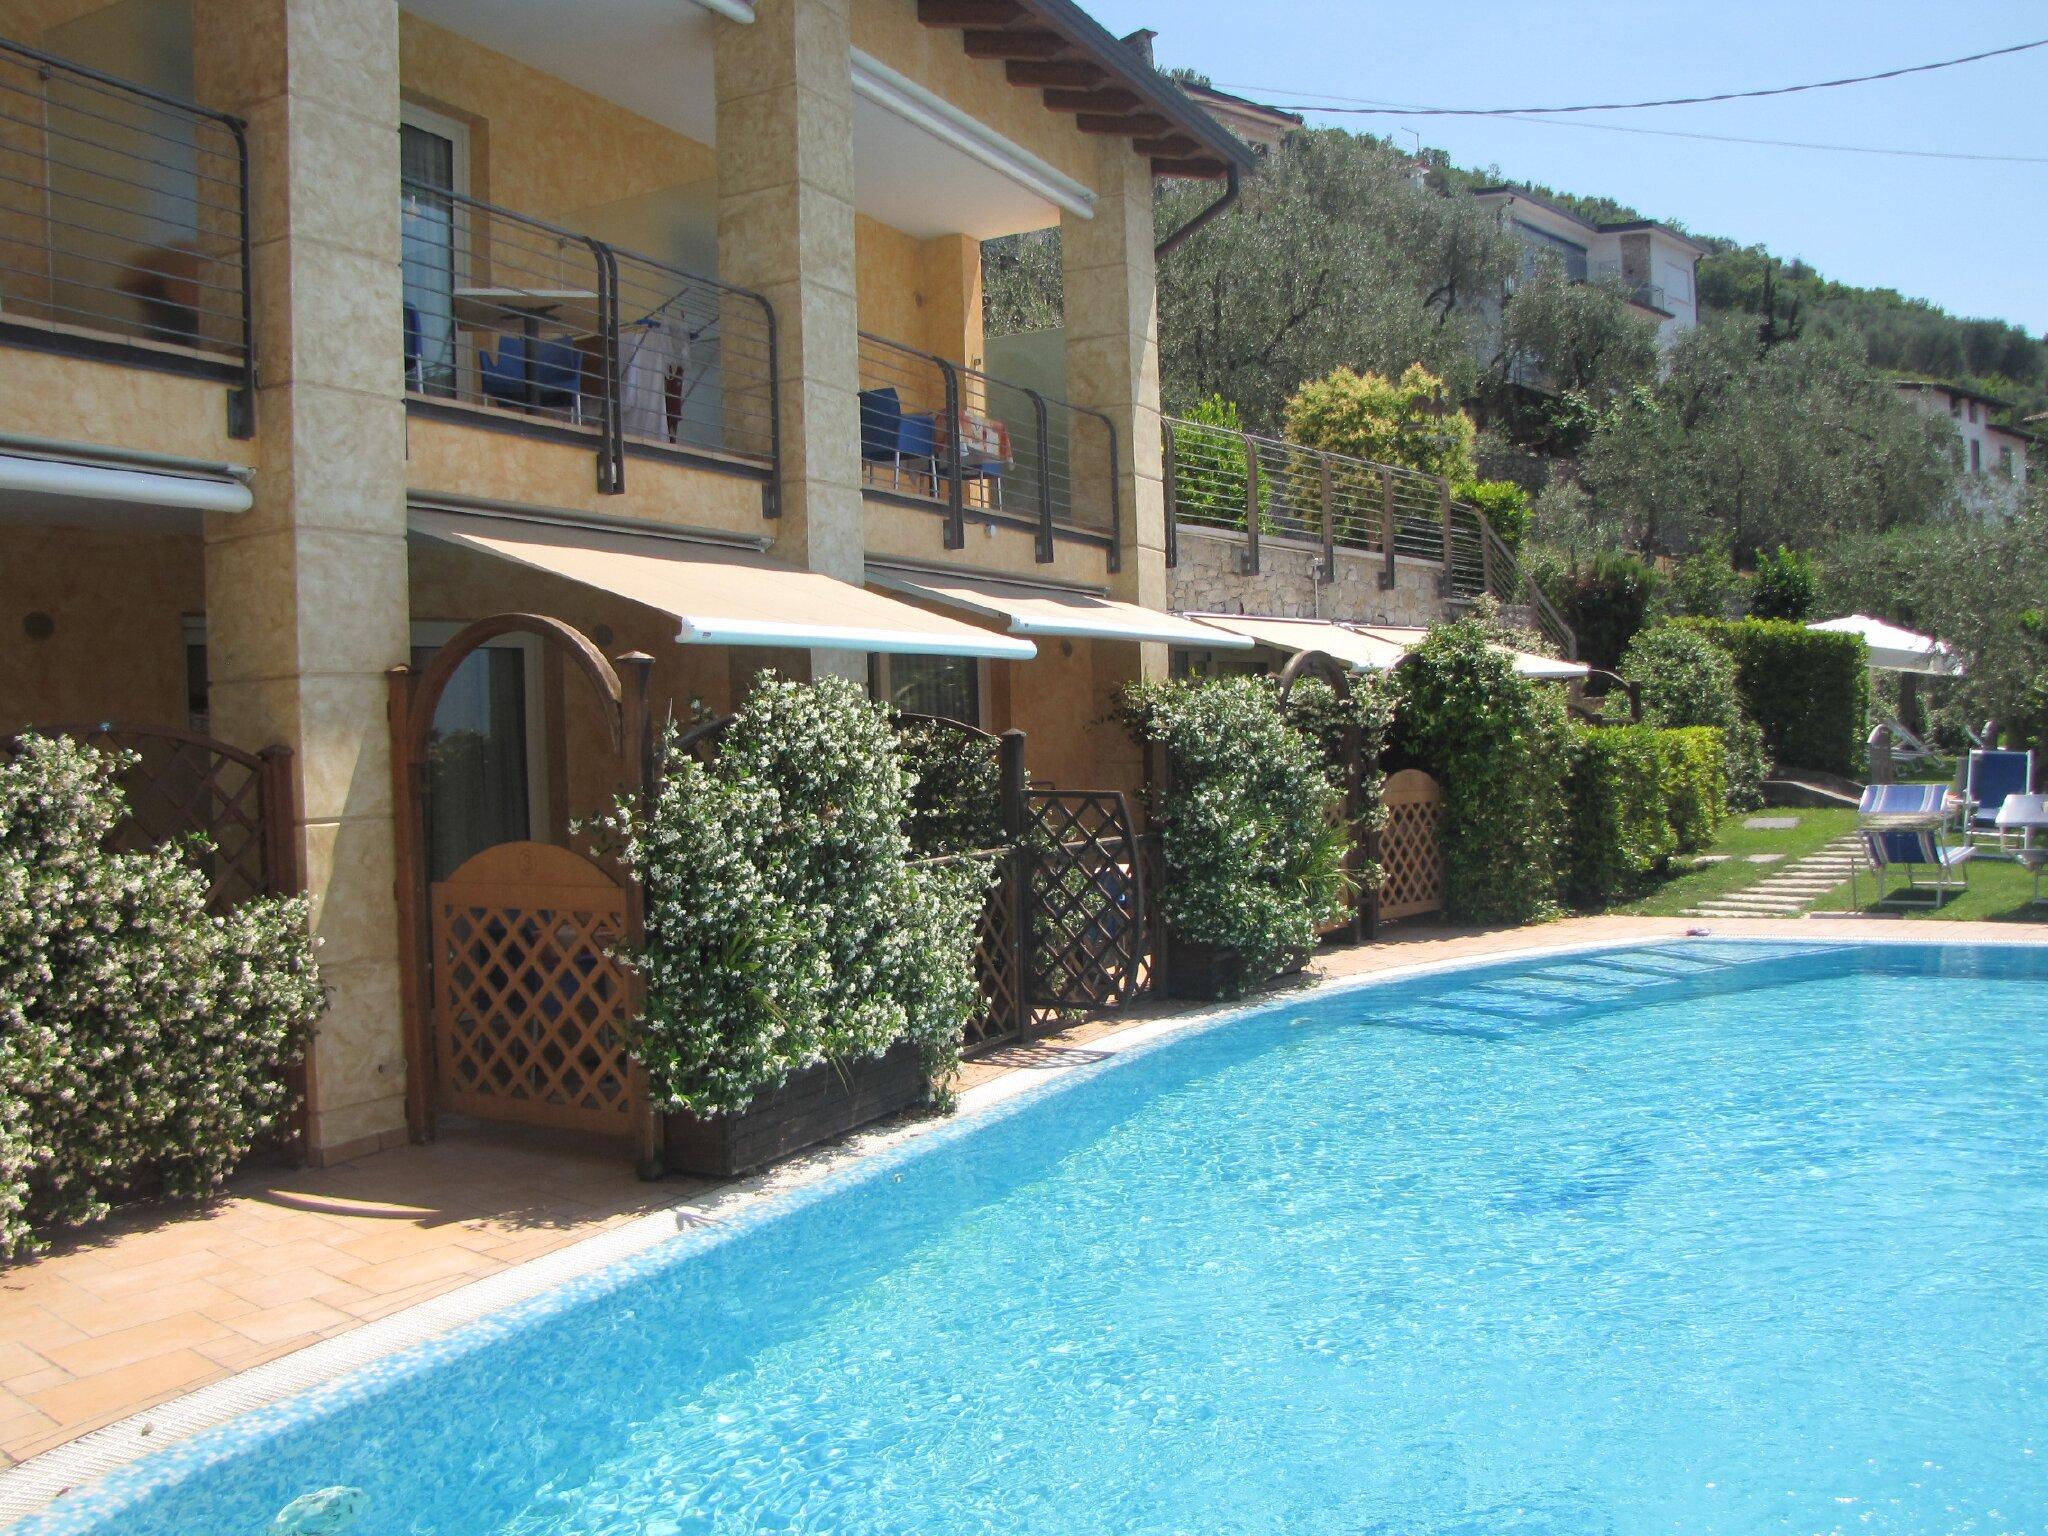 Zusatzbild Nr. 02 von Ferienwohnung Residence Rosmari